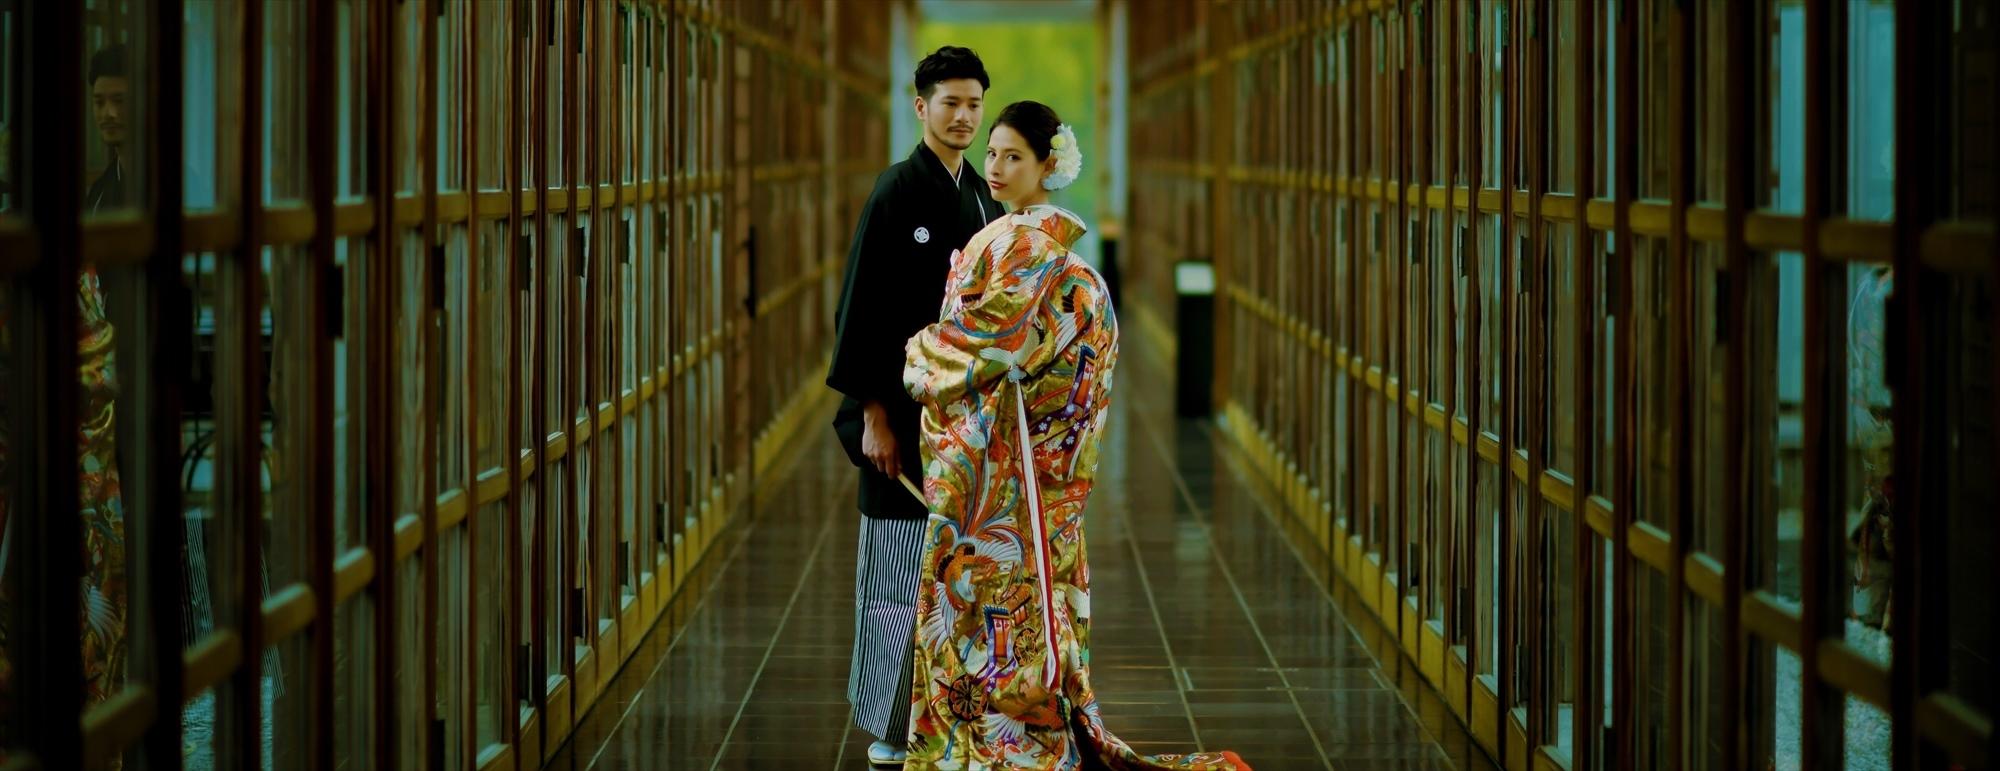 箱根・強羅花壇フォトウェディング Hakone Gora Kadan Photo Wedding 和装前撮り ホテル内